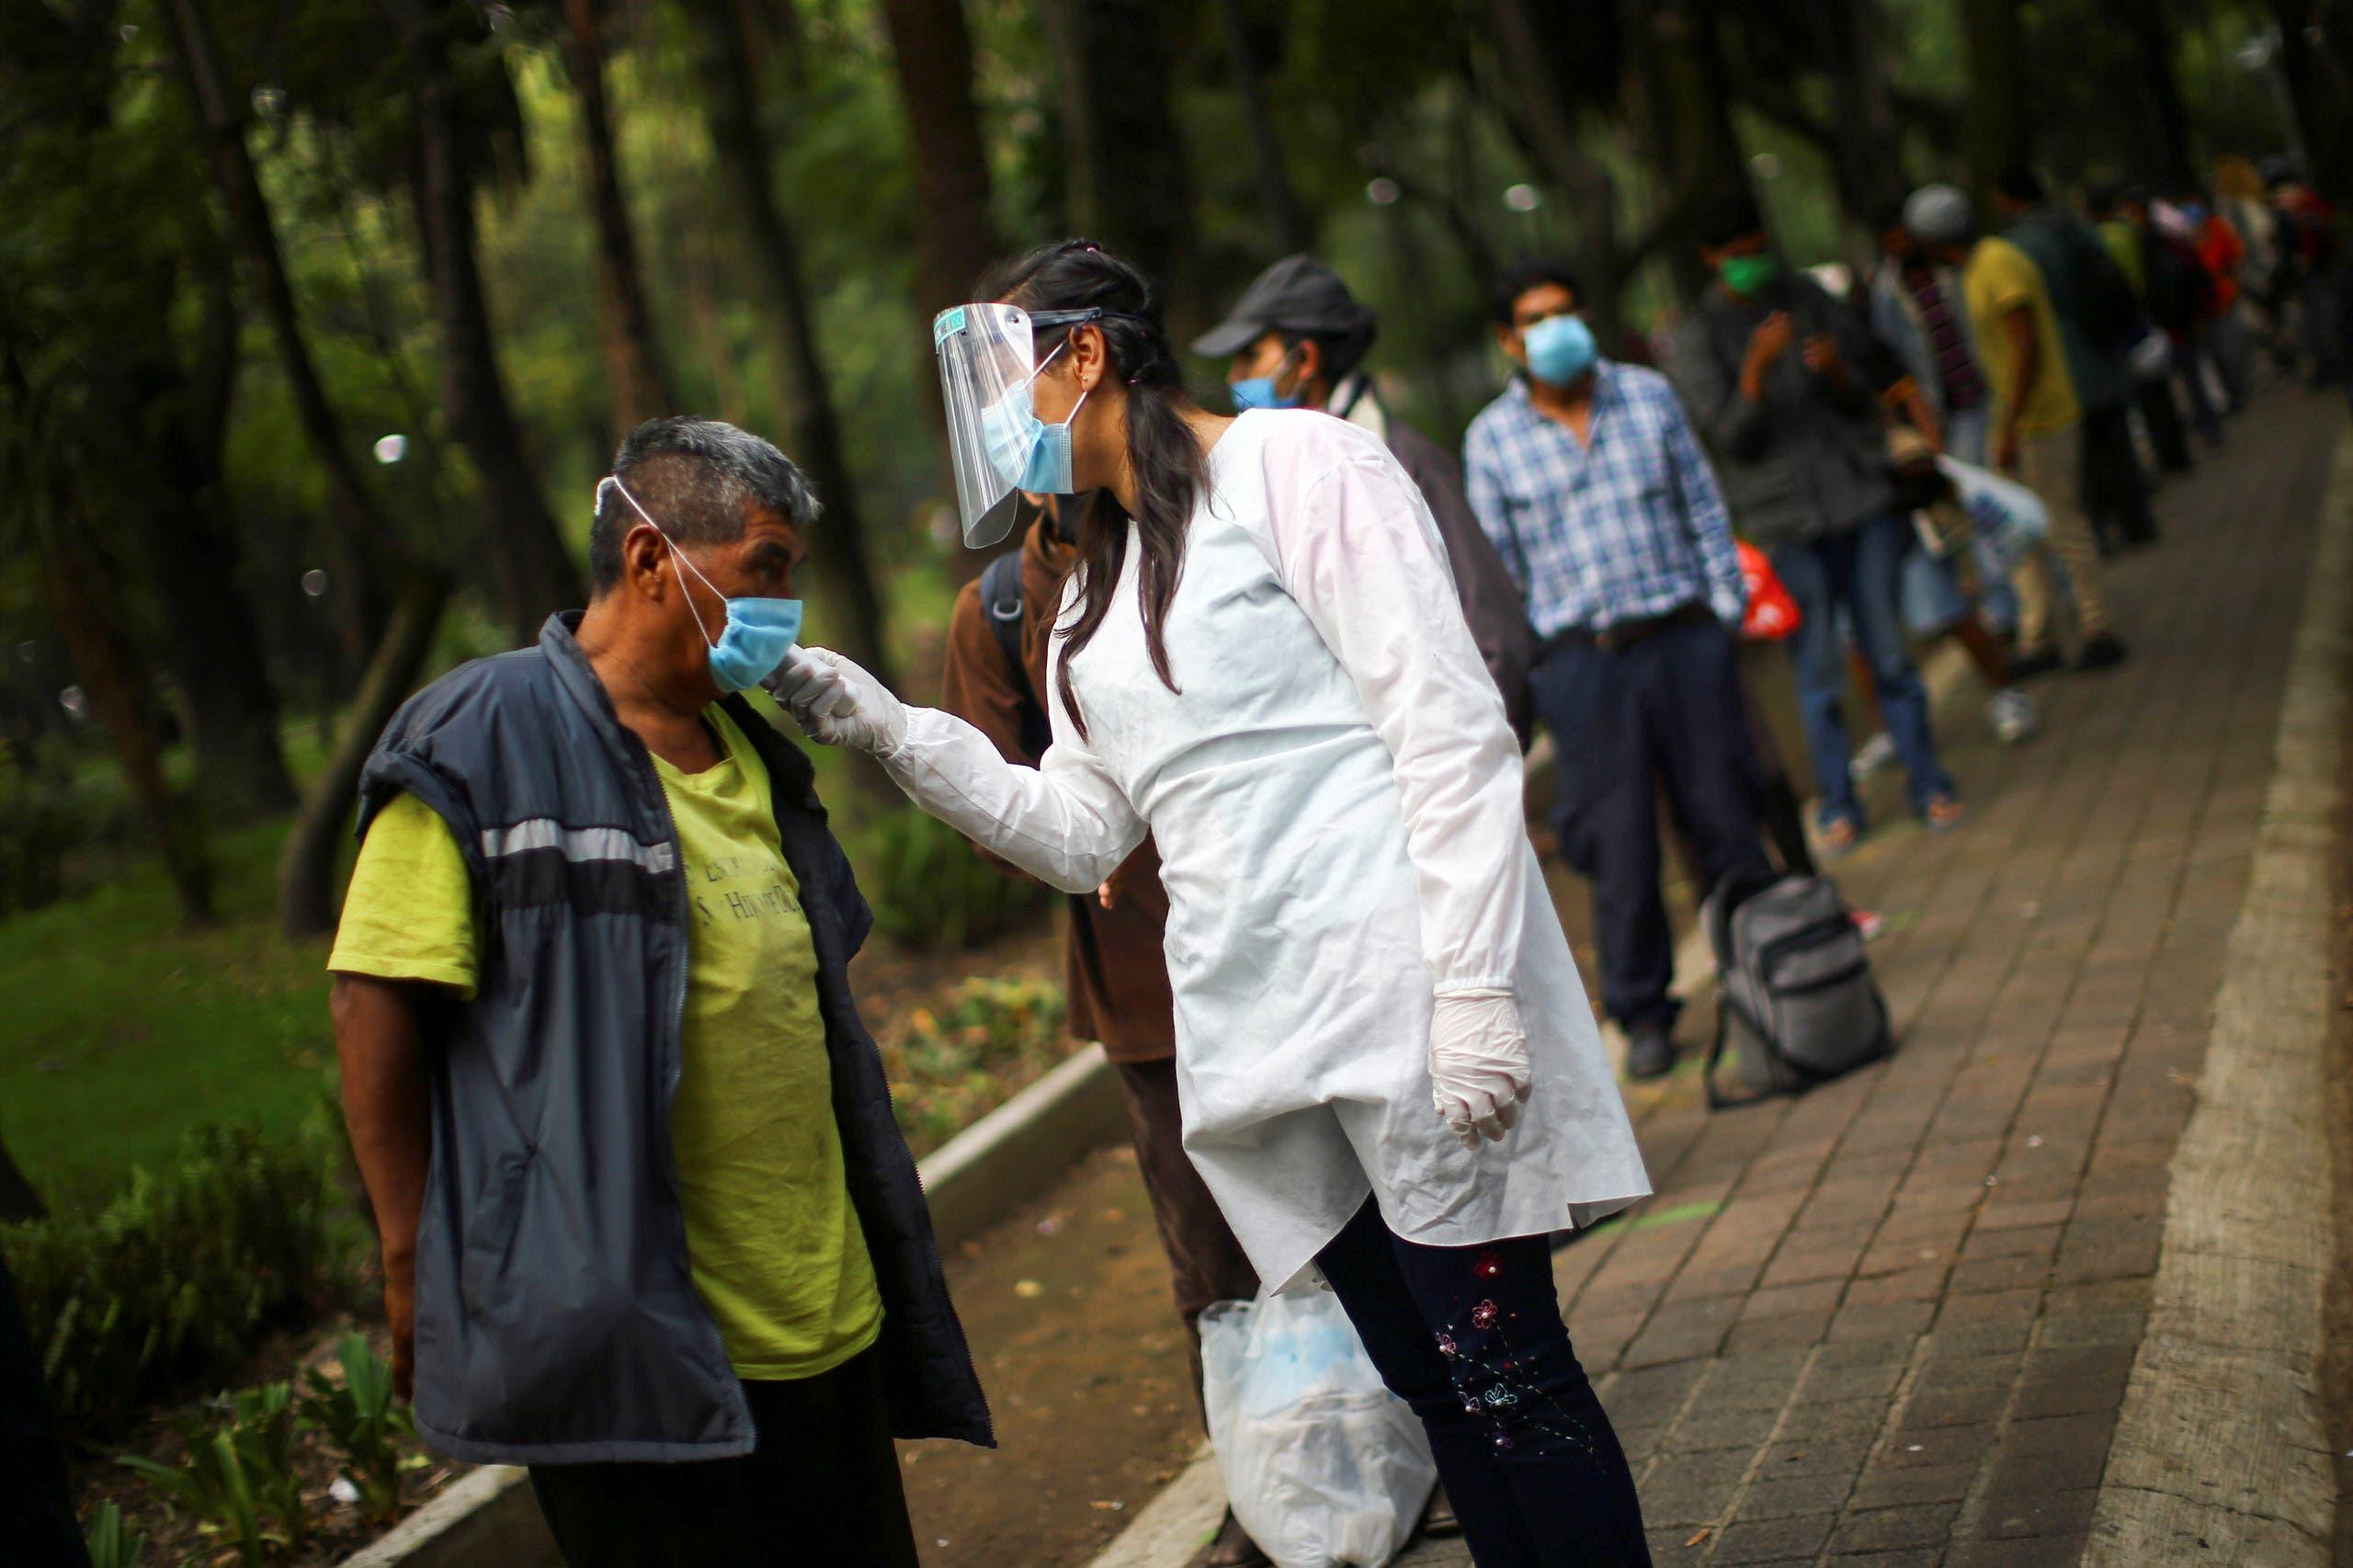 ممرضة تقيس حرارة سكان في مكسيكو في حديقة عامة